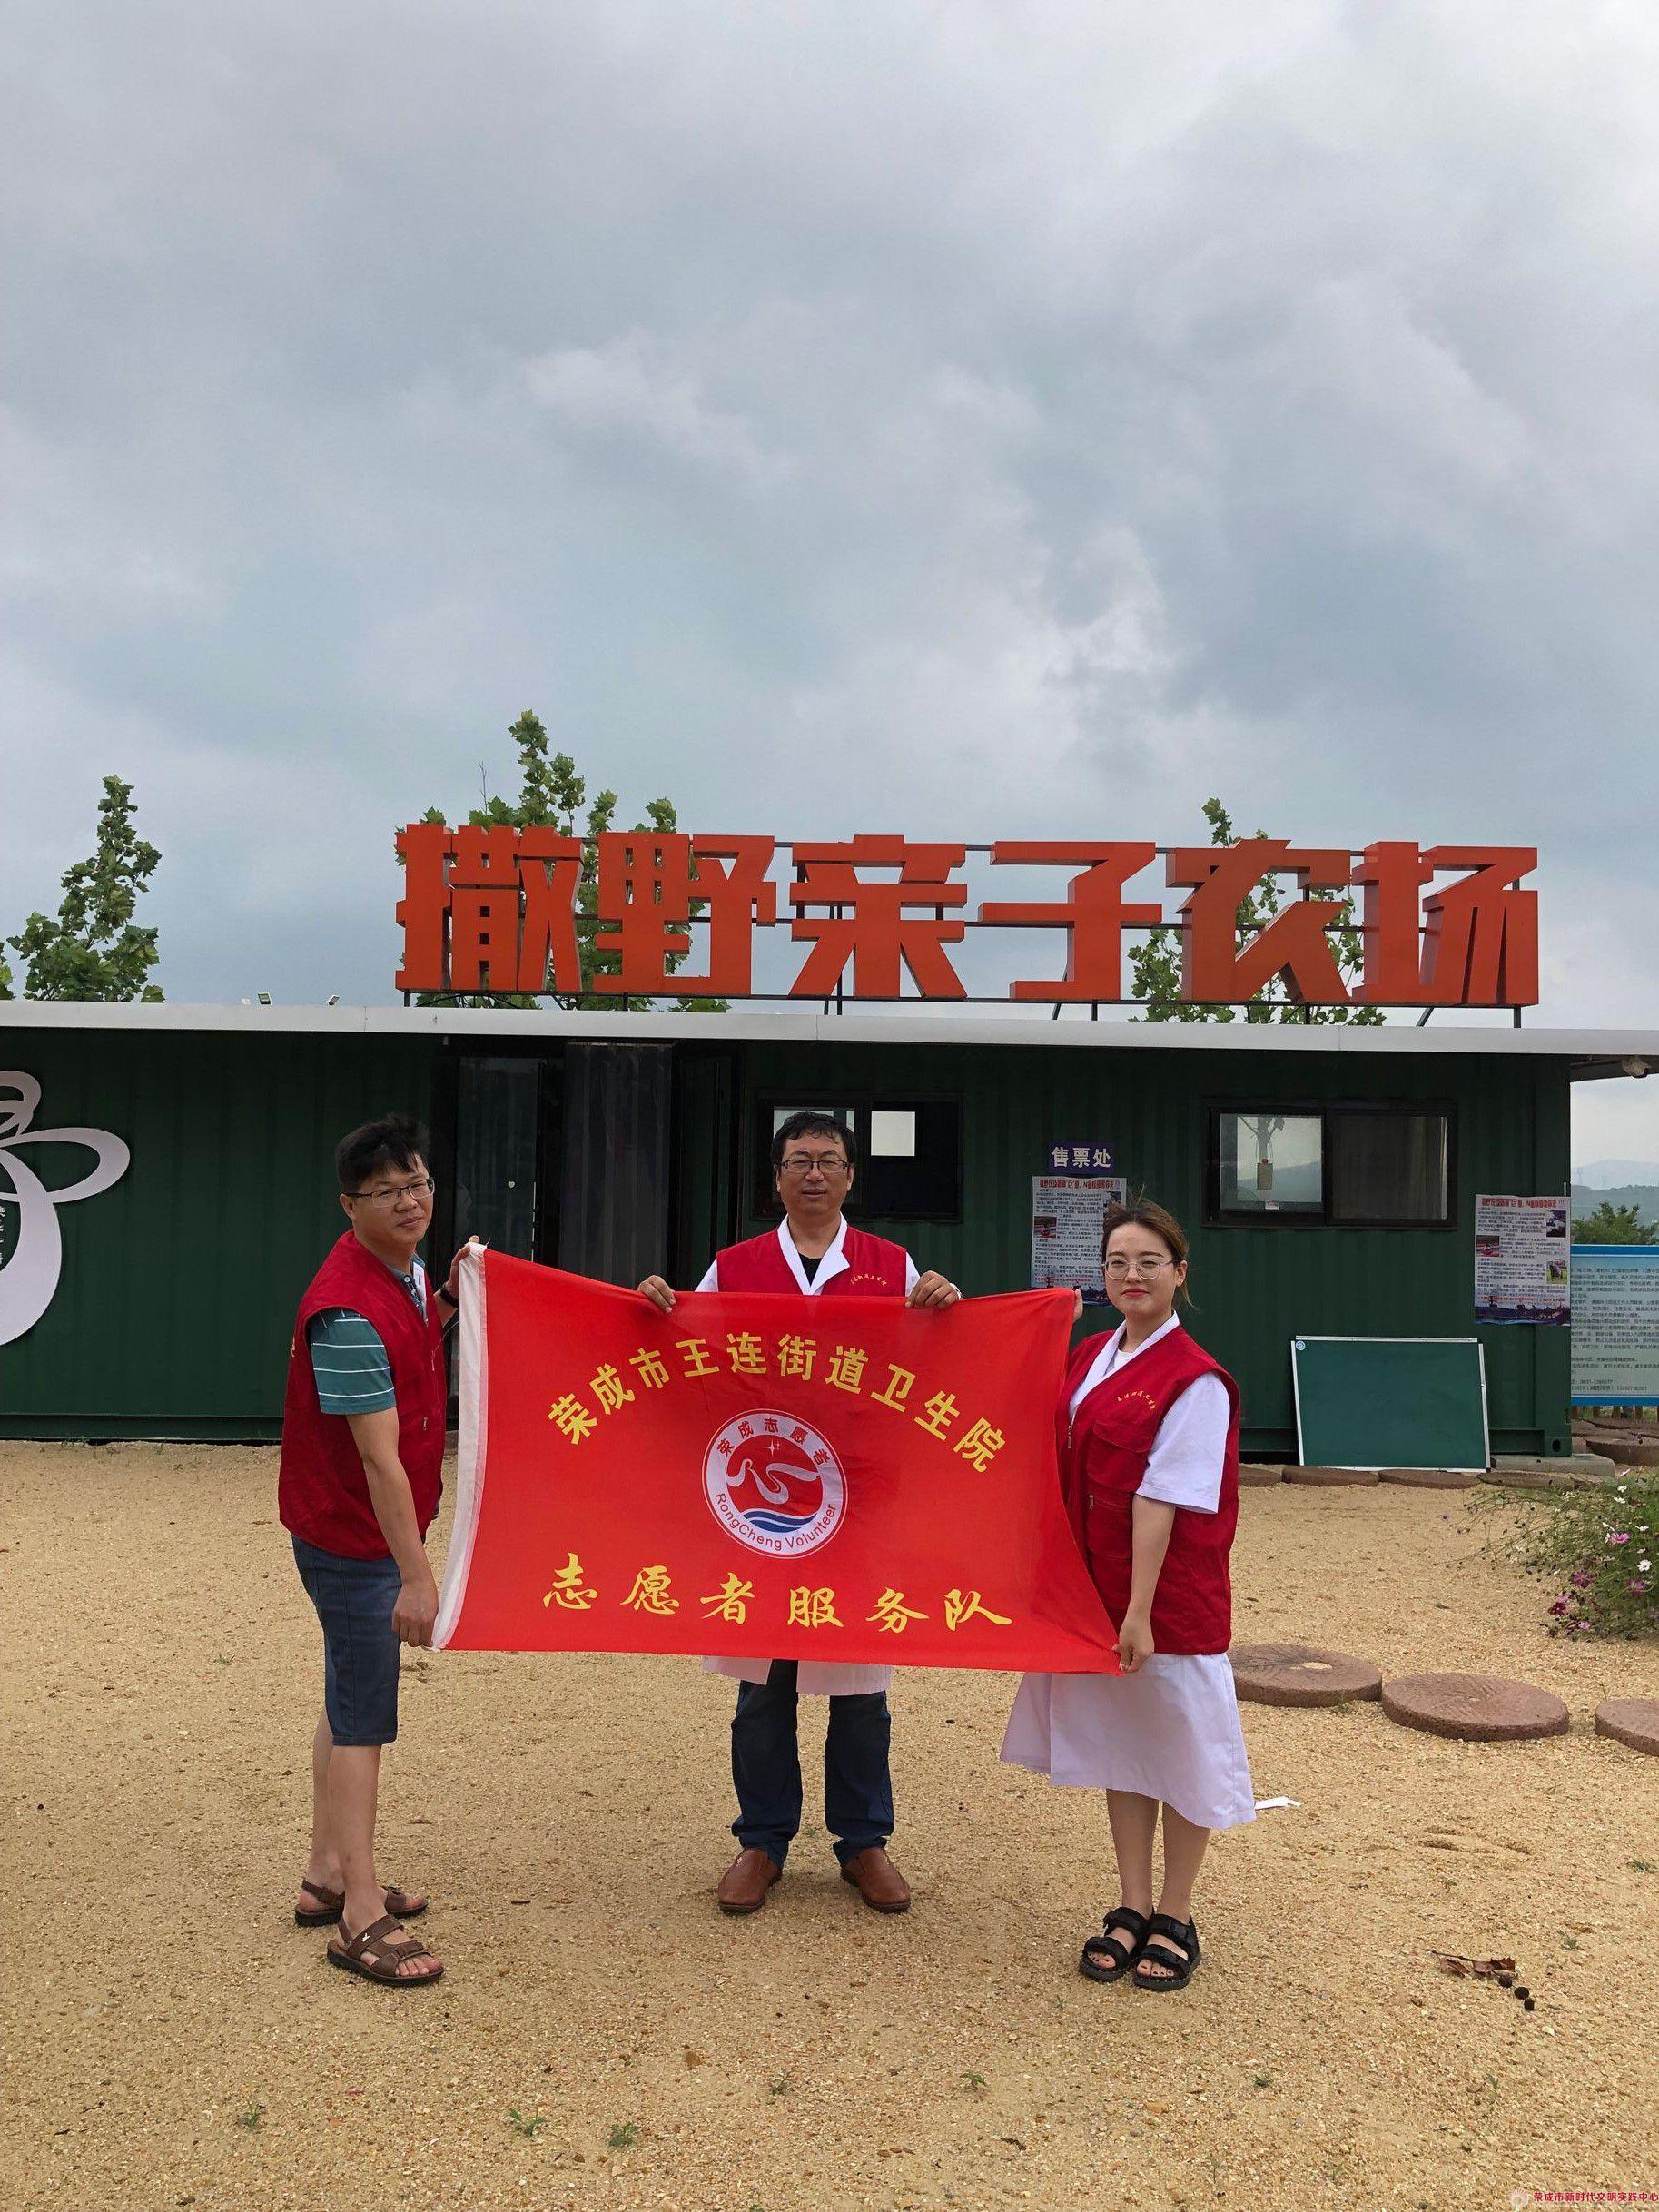 王连街道卫生院助力夏令营应急救护培训